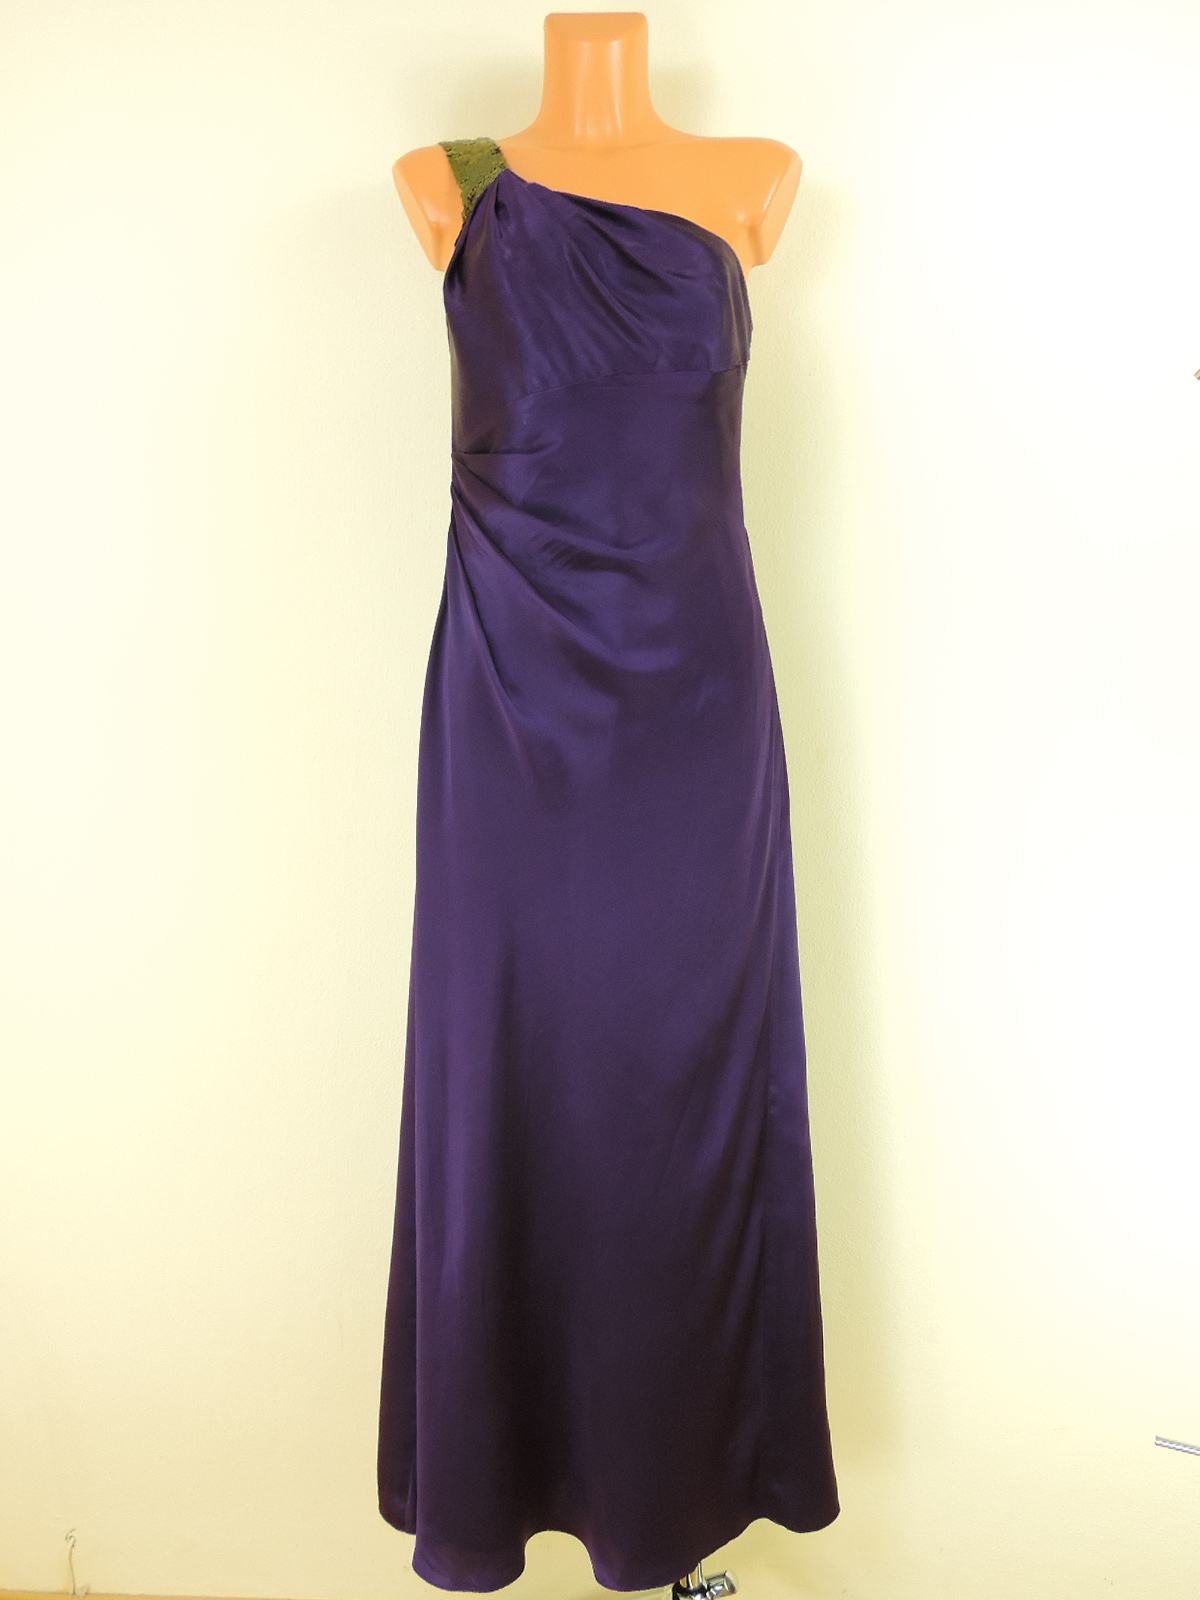 89c0e6adeaf Tmavě fialové společenské šaty - Second hand online - Fashion ...